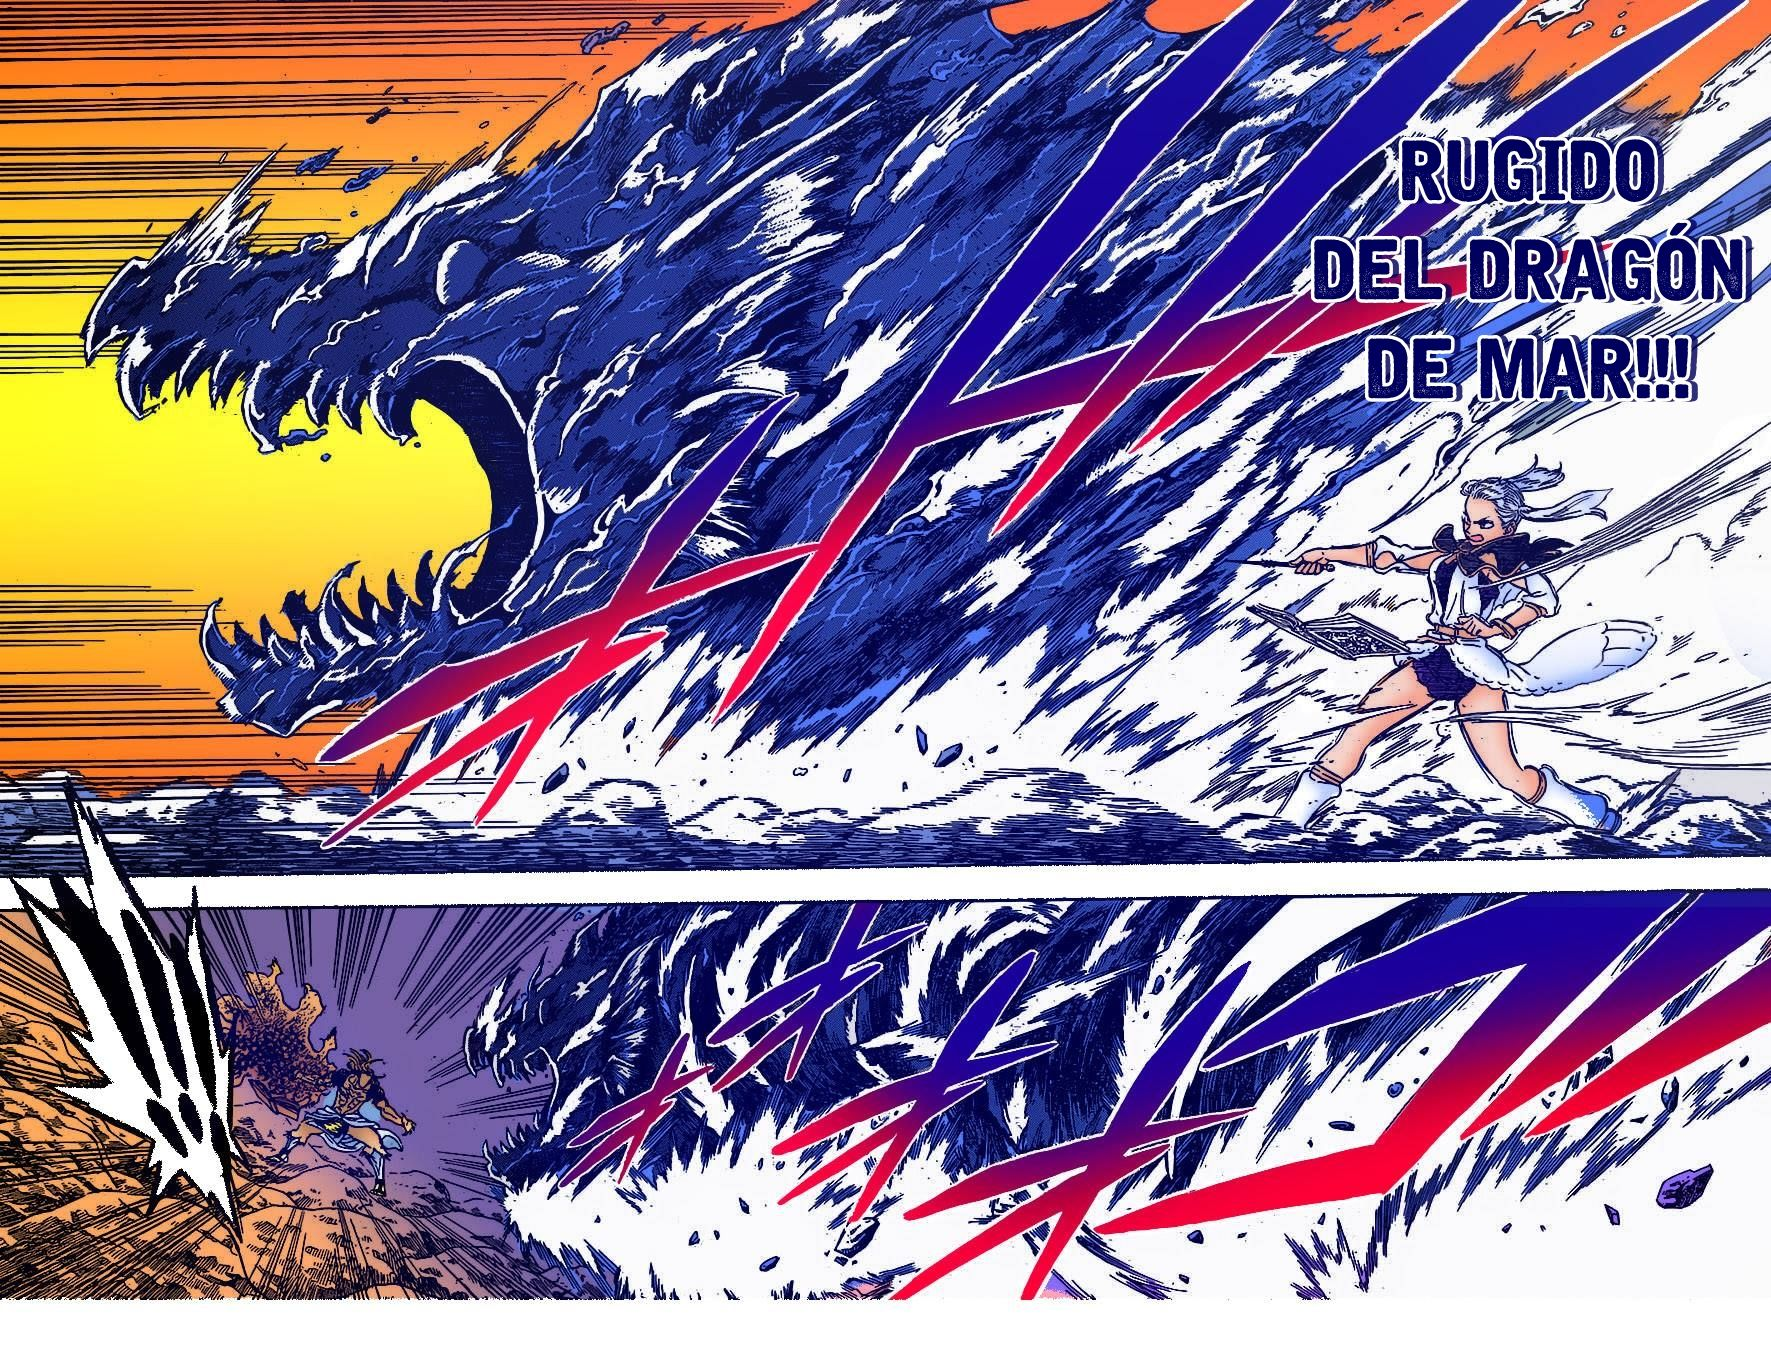 http://c5.ninemanga.com/es_manga/35/3811/479835/9abd91bcb880ca339be74e57b41db7dd.jpg Page 5